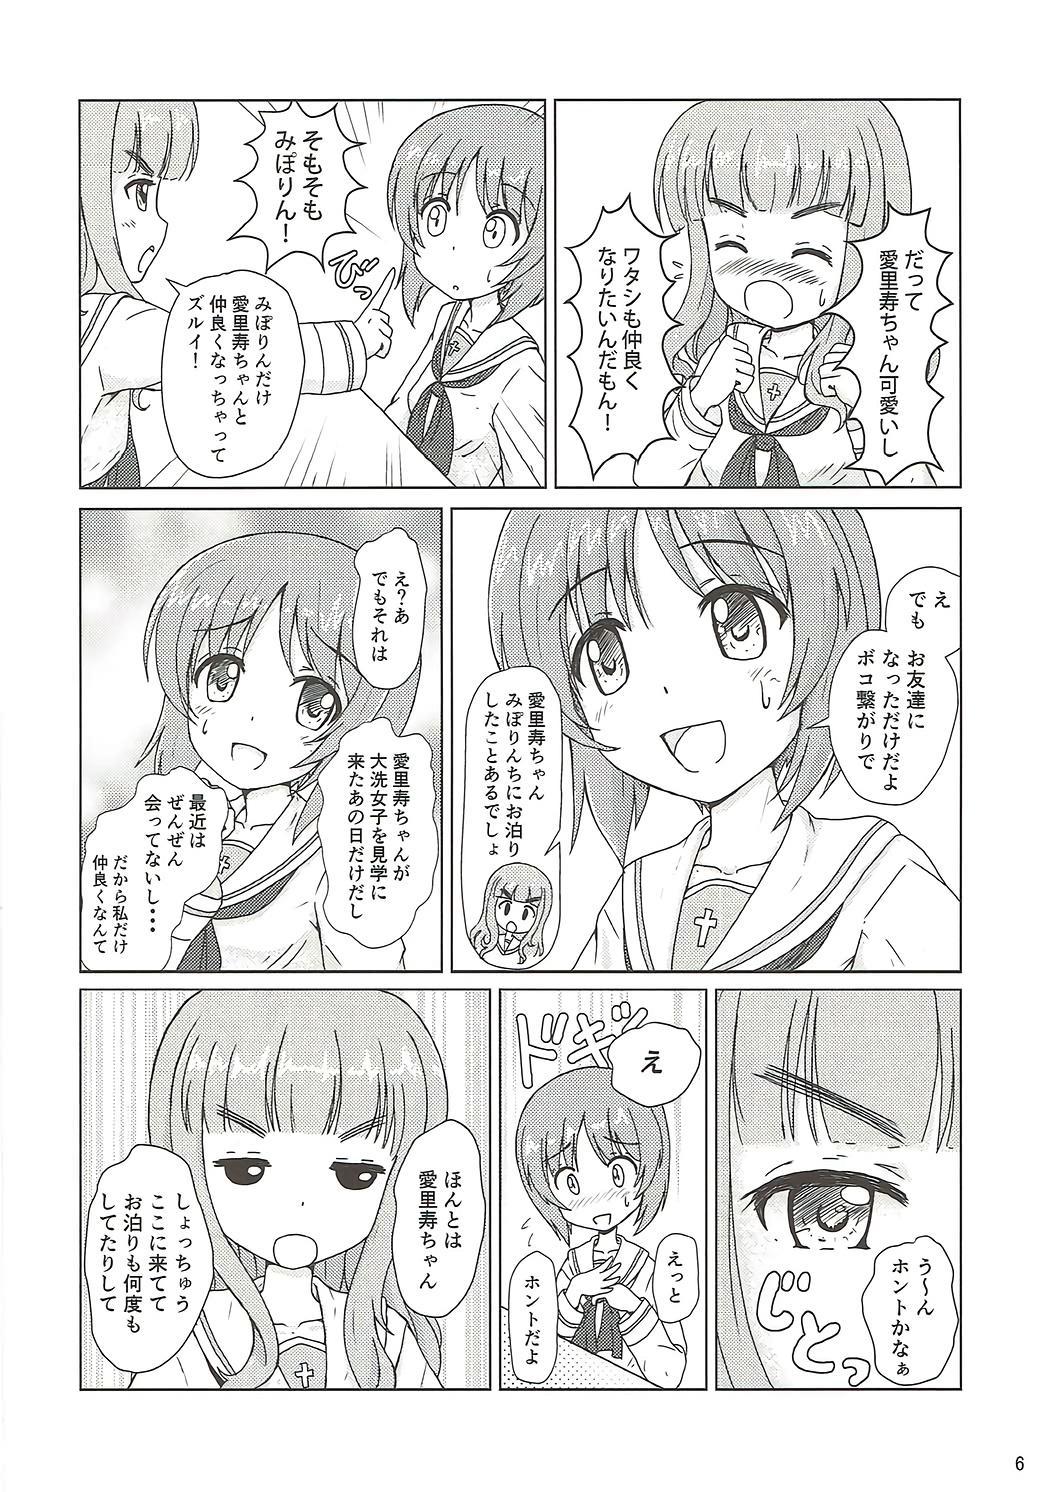 Dainiji Arisu-chan Kouryaku Daisakusen desu 4